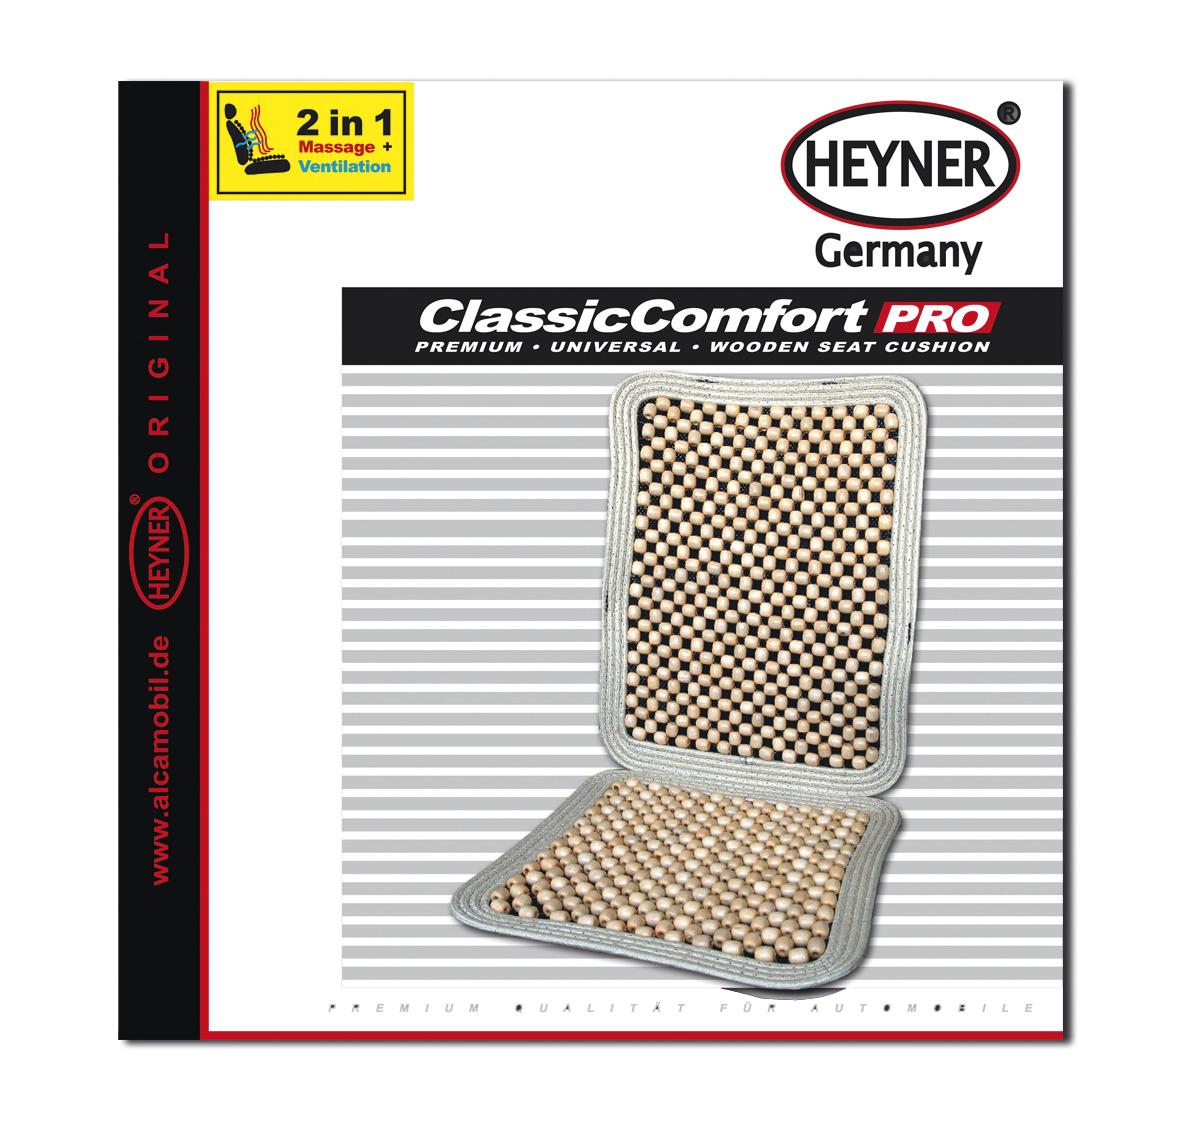 Накидка-массажер на сиденье Heyner, деревянные шарики, сиденье 38 х 38 см, спинка 50 х 38 см710000Накидка Heyner обеспечивает массаж и охлаждение для водителя и пассажиров посредством деревянных шариков. Быстро и просто устанавливается на все типы автомобильных сидений. Накидка крепится к сиденью с помощью эластичных резинок. Размер сиденья: 38 х 38 см.Размер спинки: 50 х 38 см.